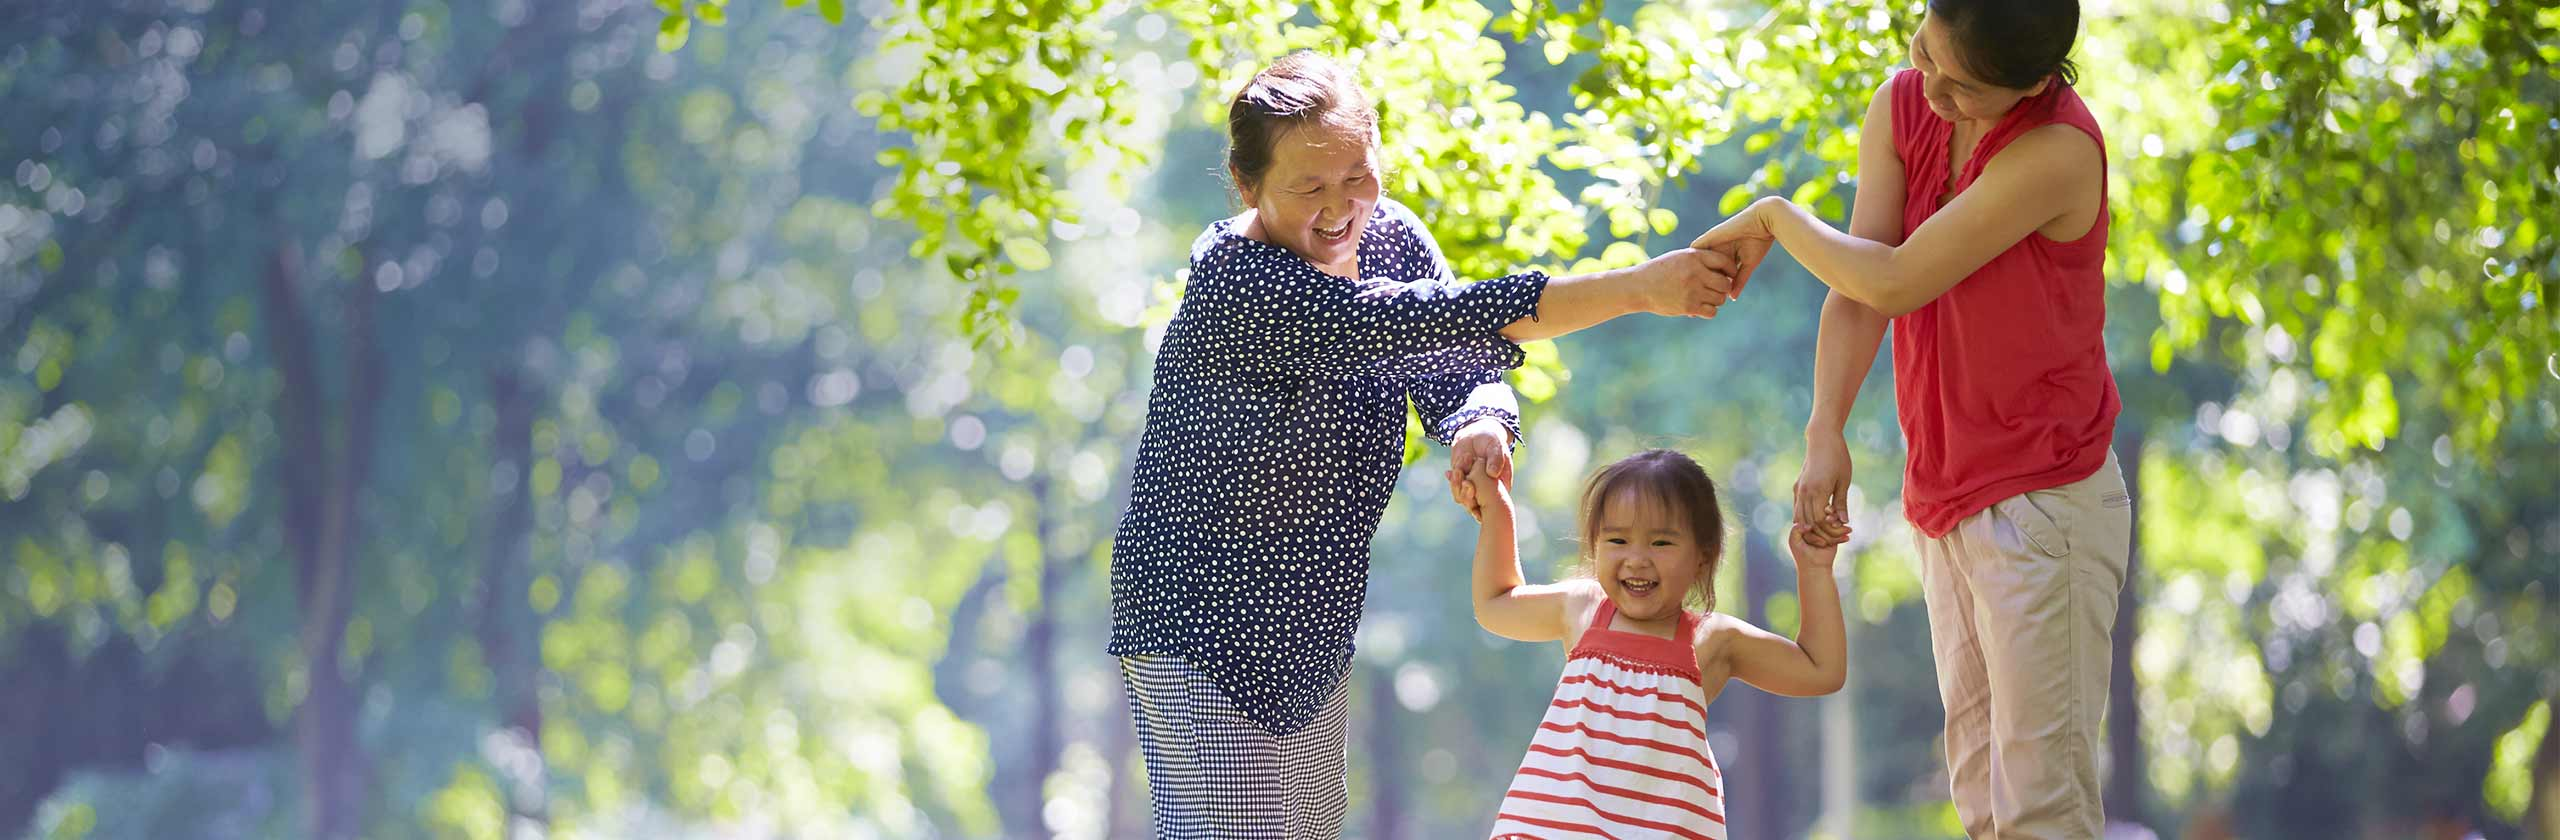 Famille heureuse qui se promène en plein air en se tenant par les mains